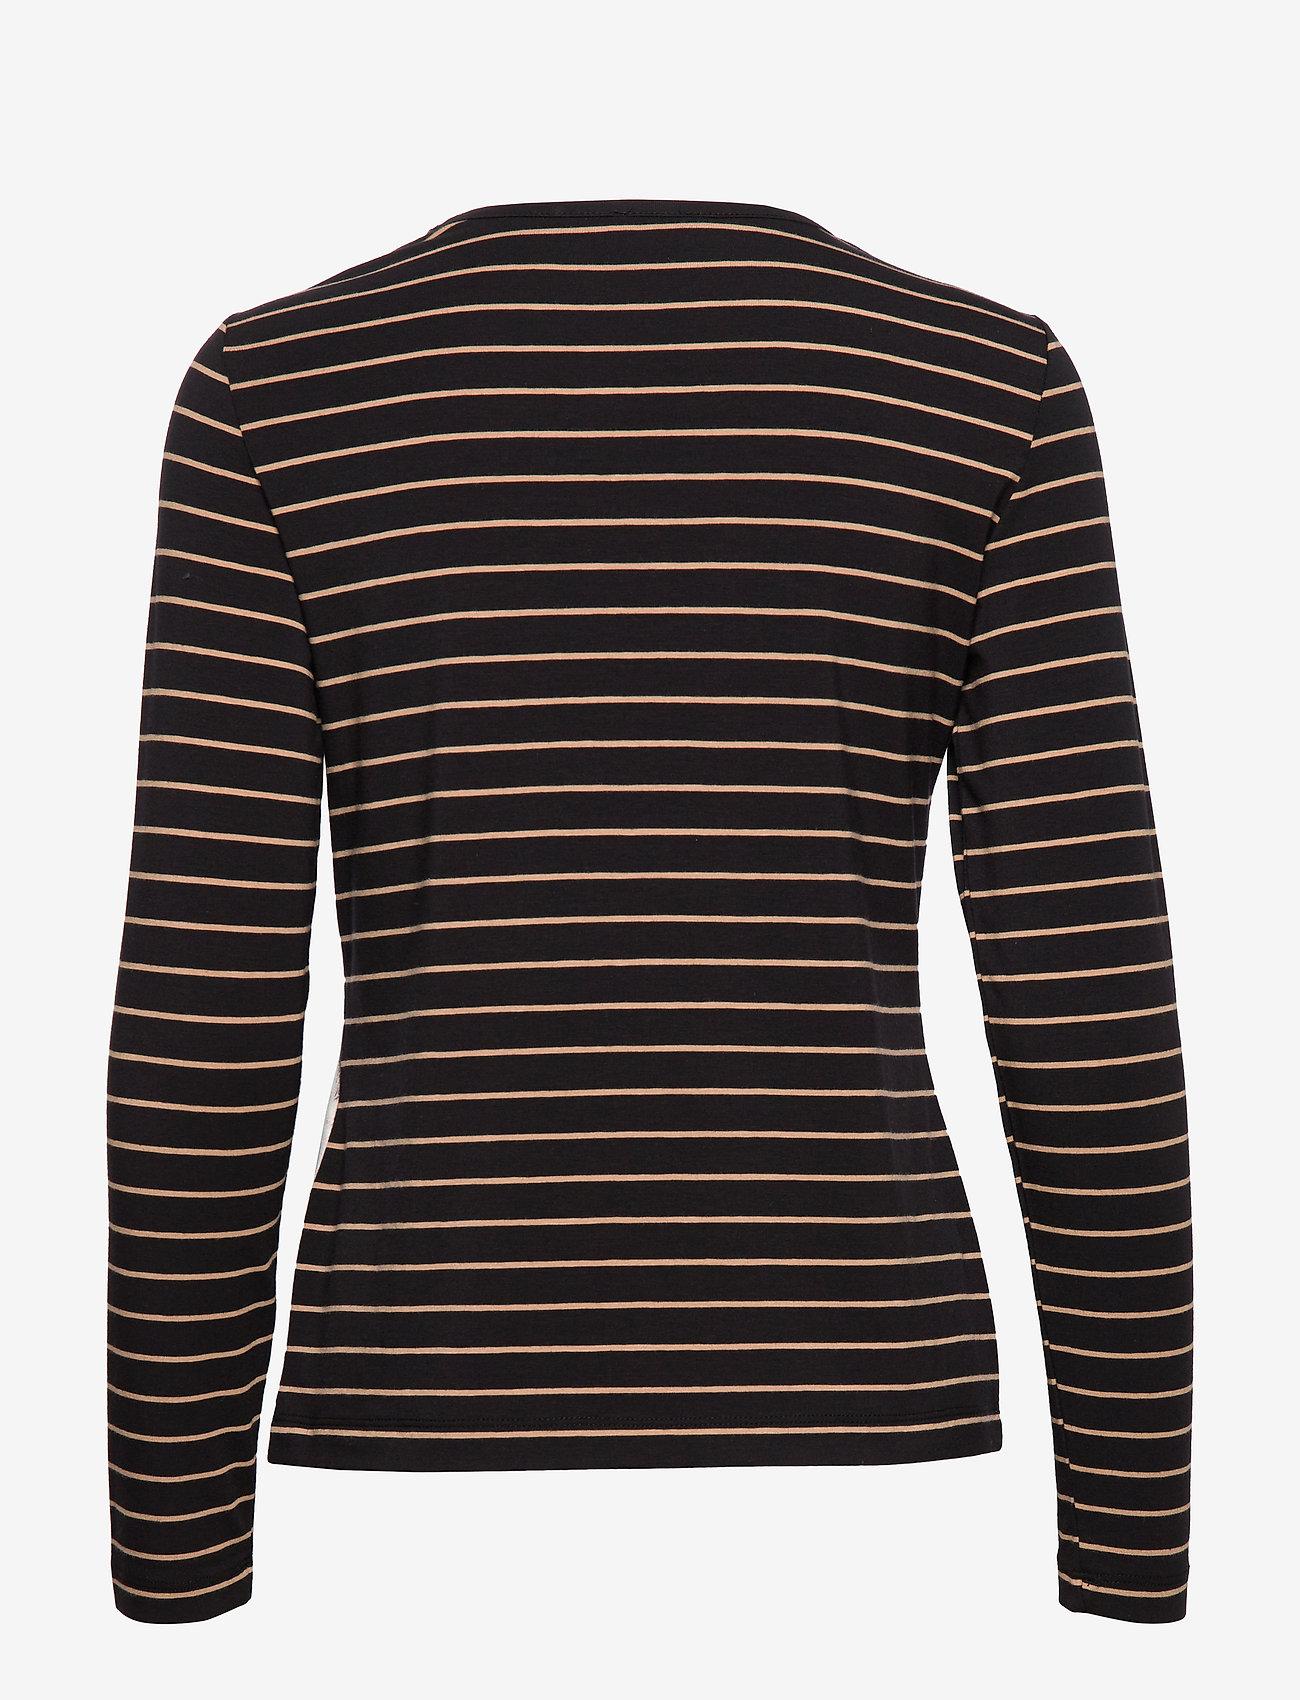 T-shirt Long-sleeve (Oat/ Toffee/ Camel Print) (419.40 kr) - Gerry Weber